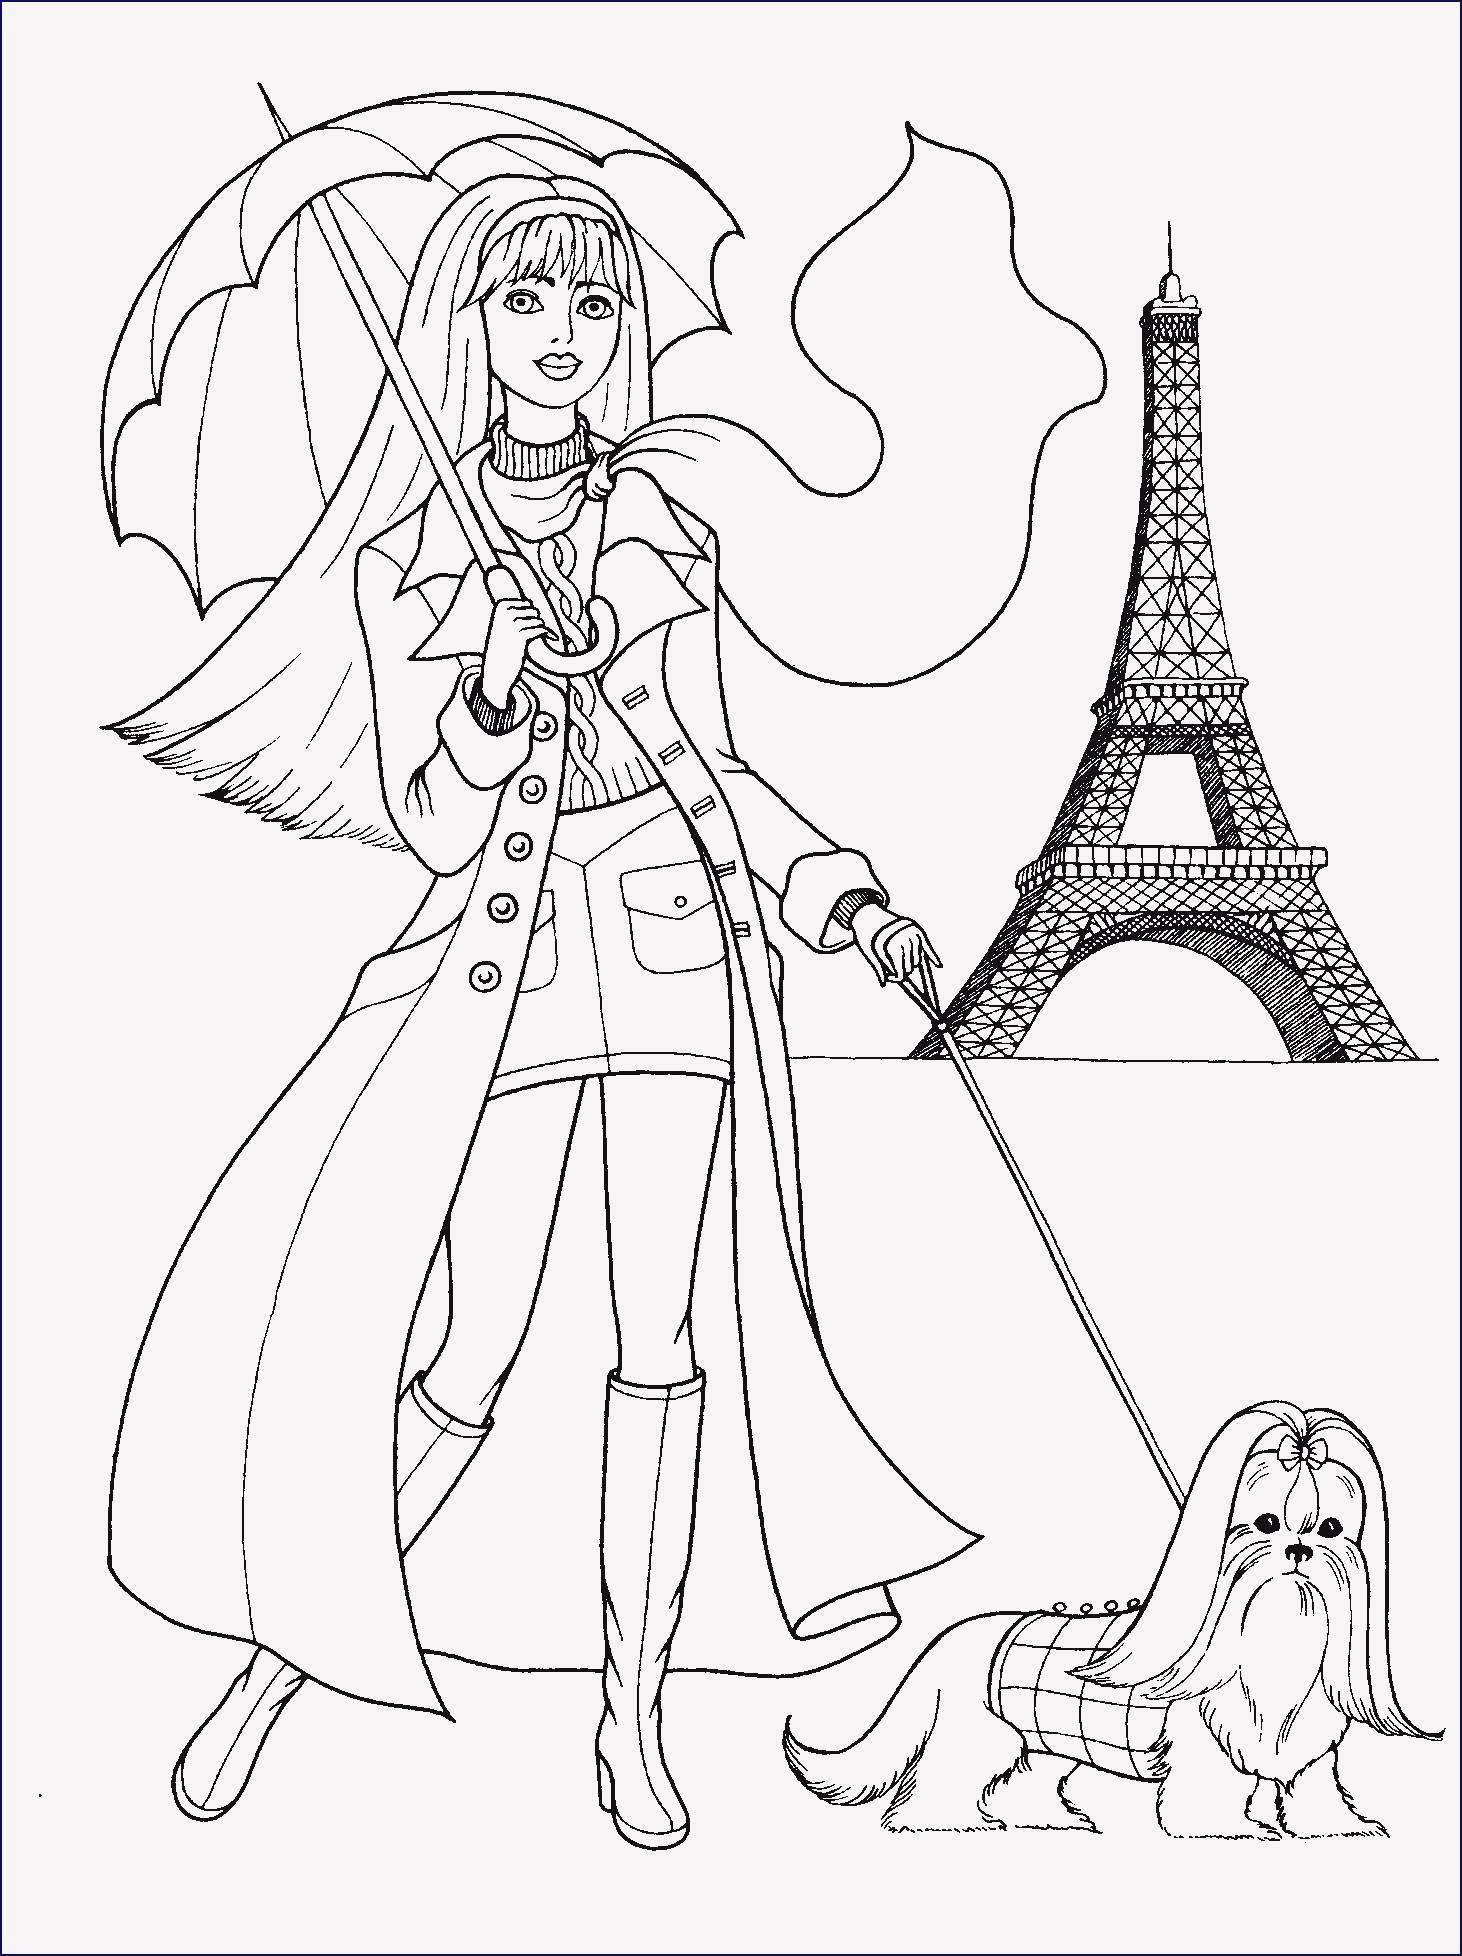 Ausmalbilder Barbie Prinzessin Frisch 25 Druckbar Ausmalbilder Barbie Prinzessin Und Das Dorfmadchen Sammlung